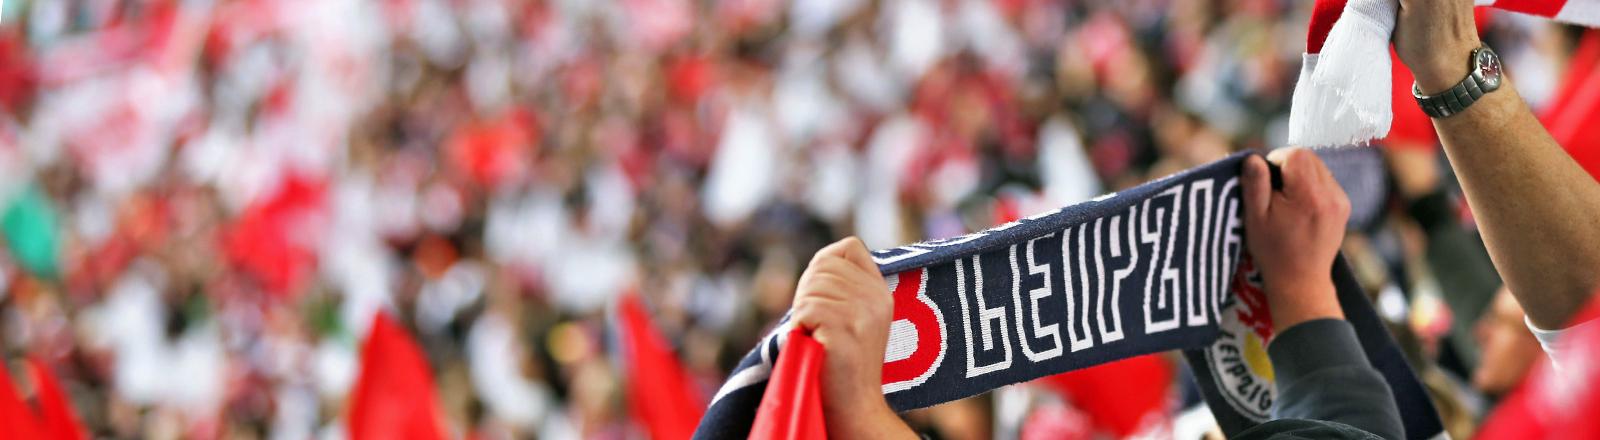 Die Leipziger Fans feuern ihre Mannschaft RB Leipzig ab 03.05.2014 gegen den FC Saarbrücken an.